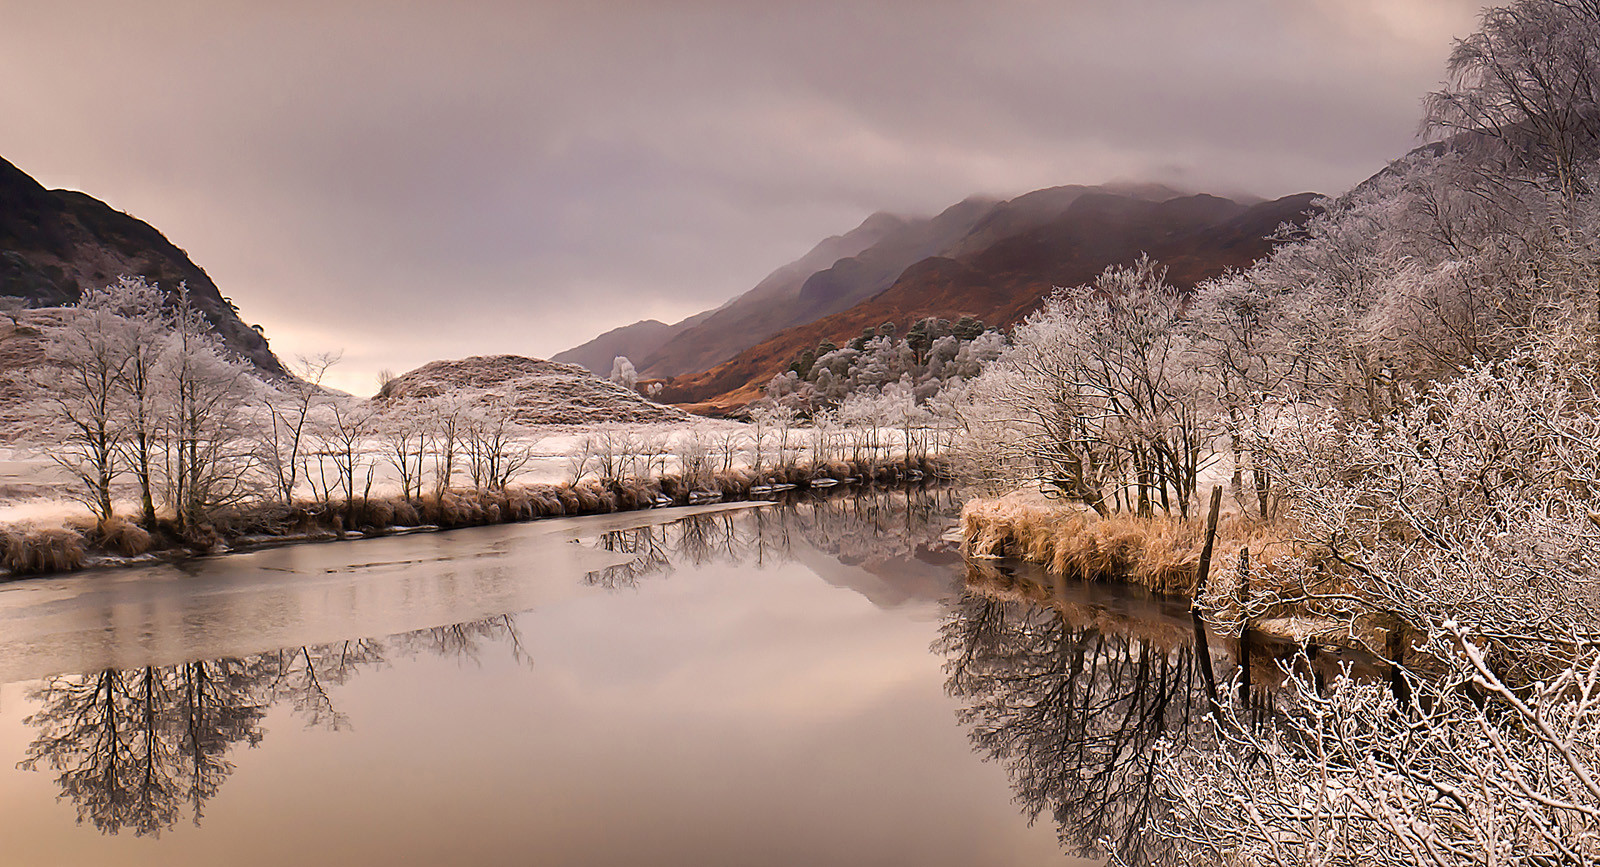 Callop River in Winter